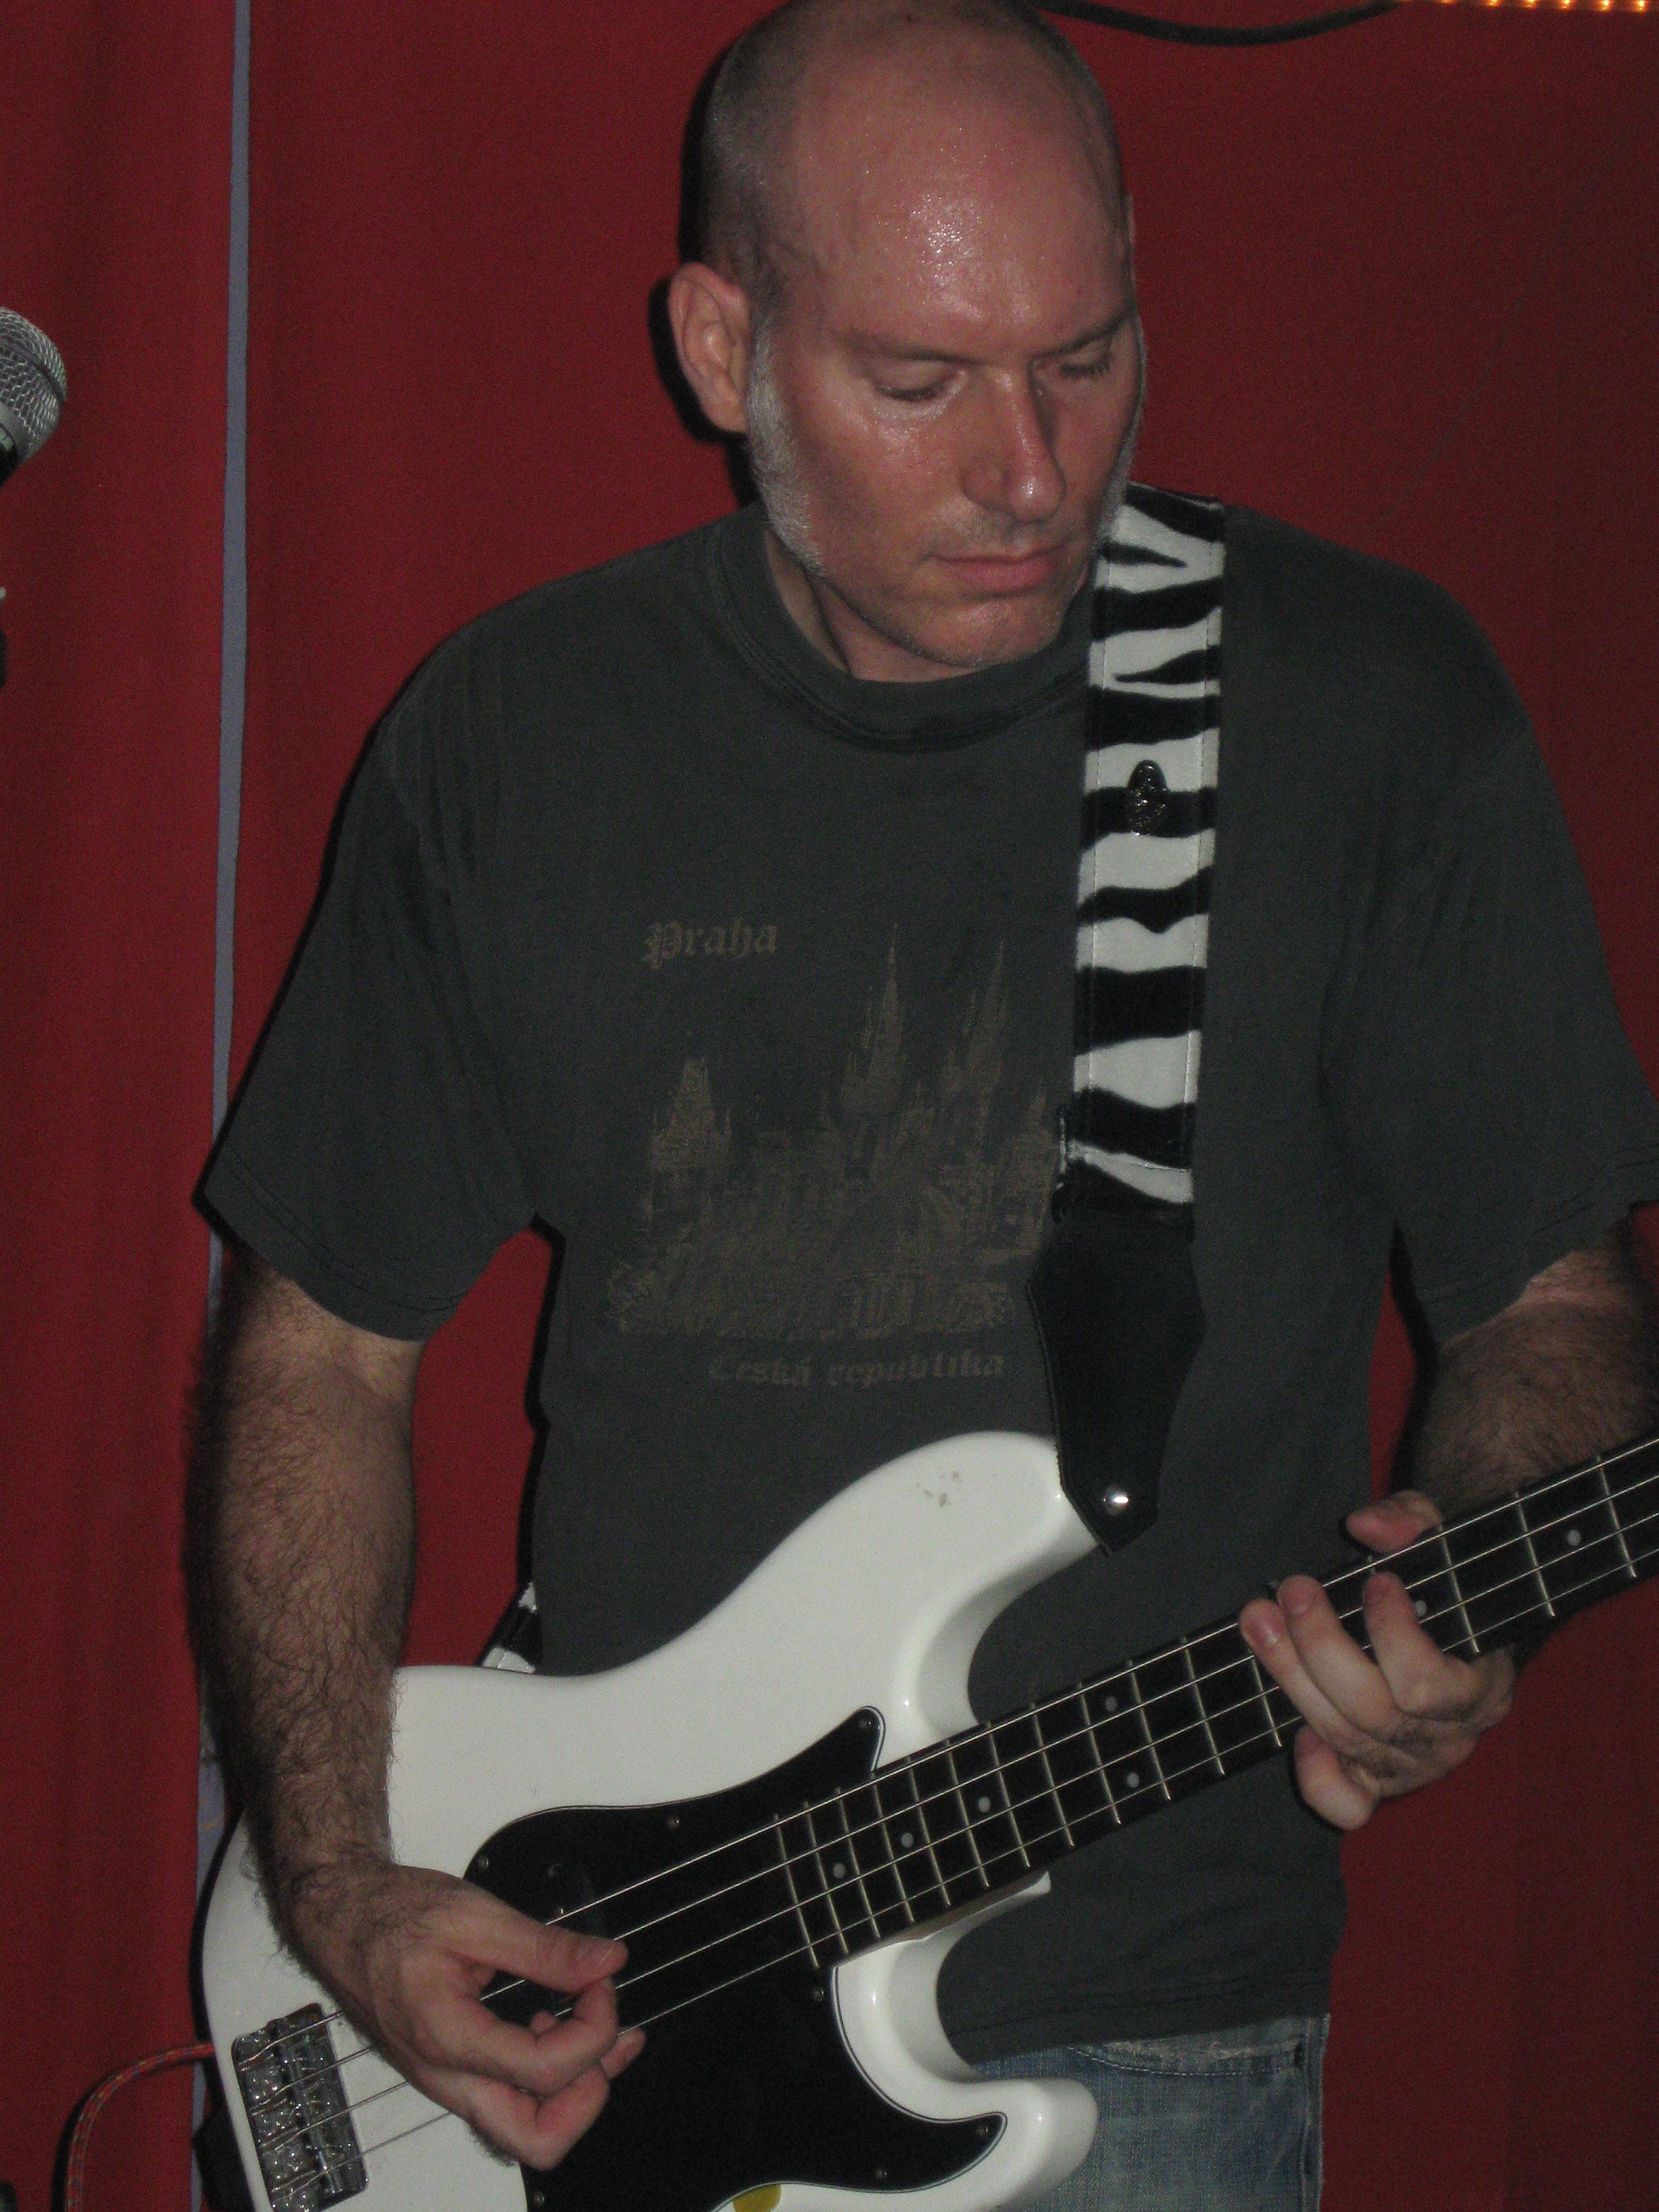 Socrates Johnson at Banks St. Bar, New Orleans, May 9, 2009.